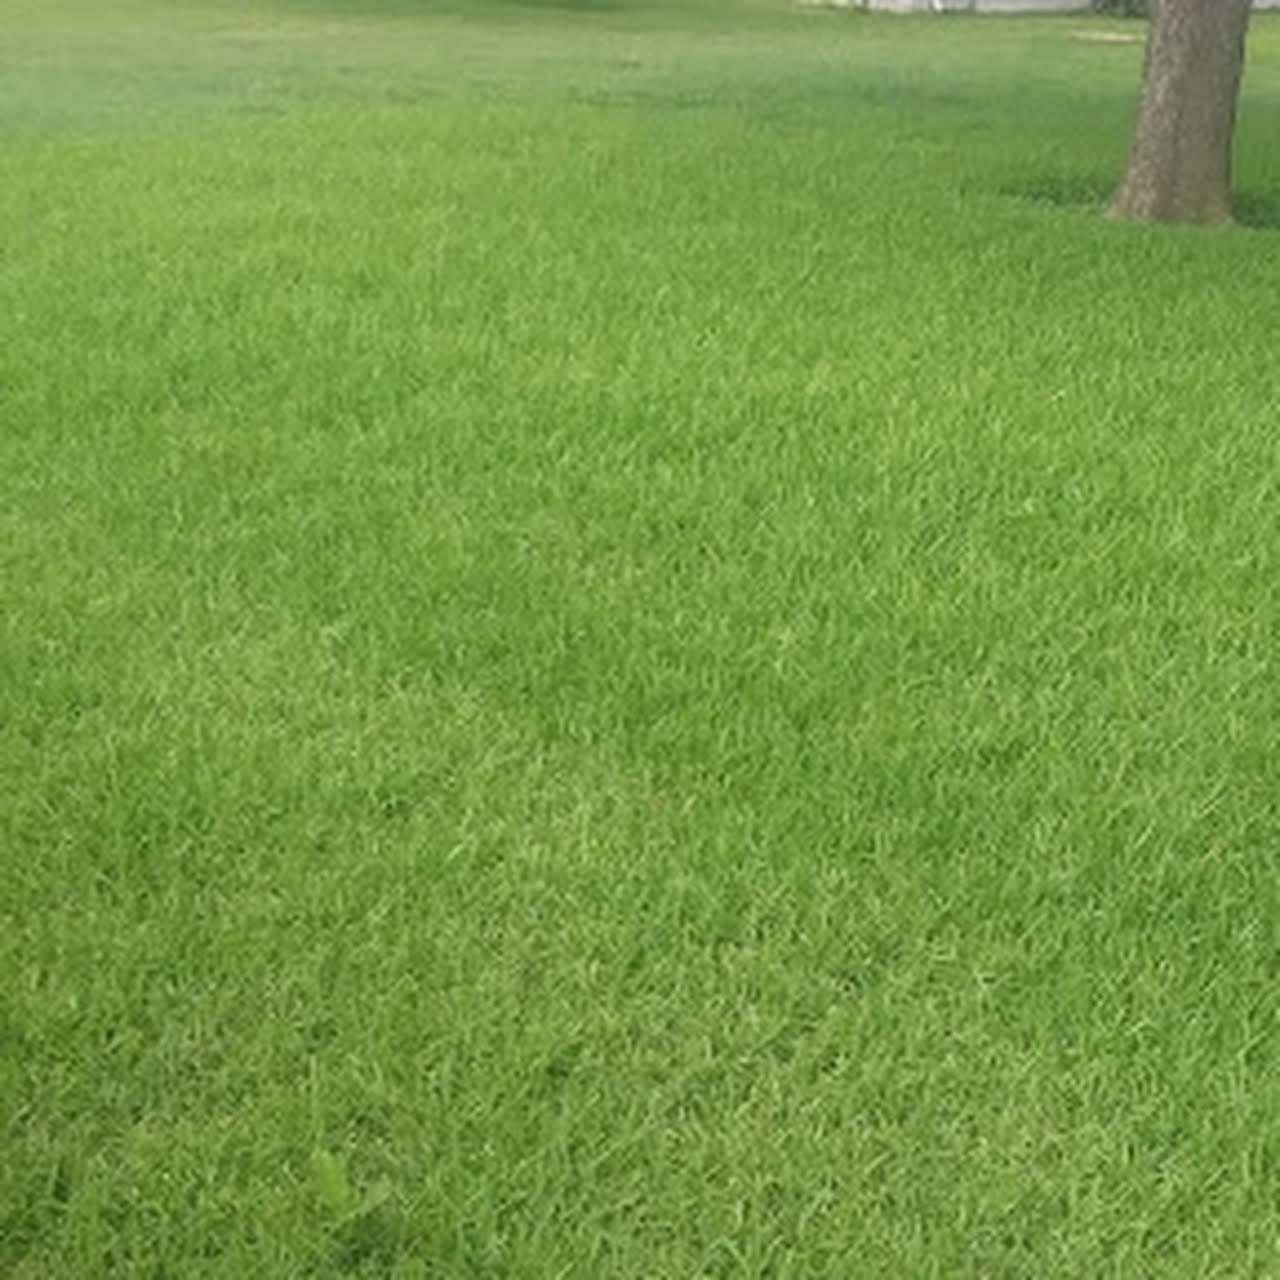 The Lawn Care Crew 2020 - Lawn Care Service in San Antonio